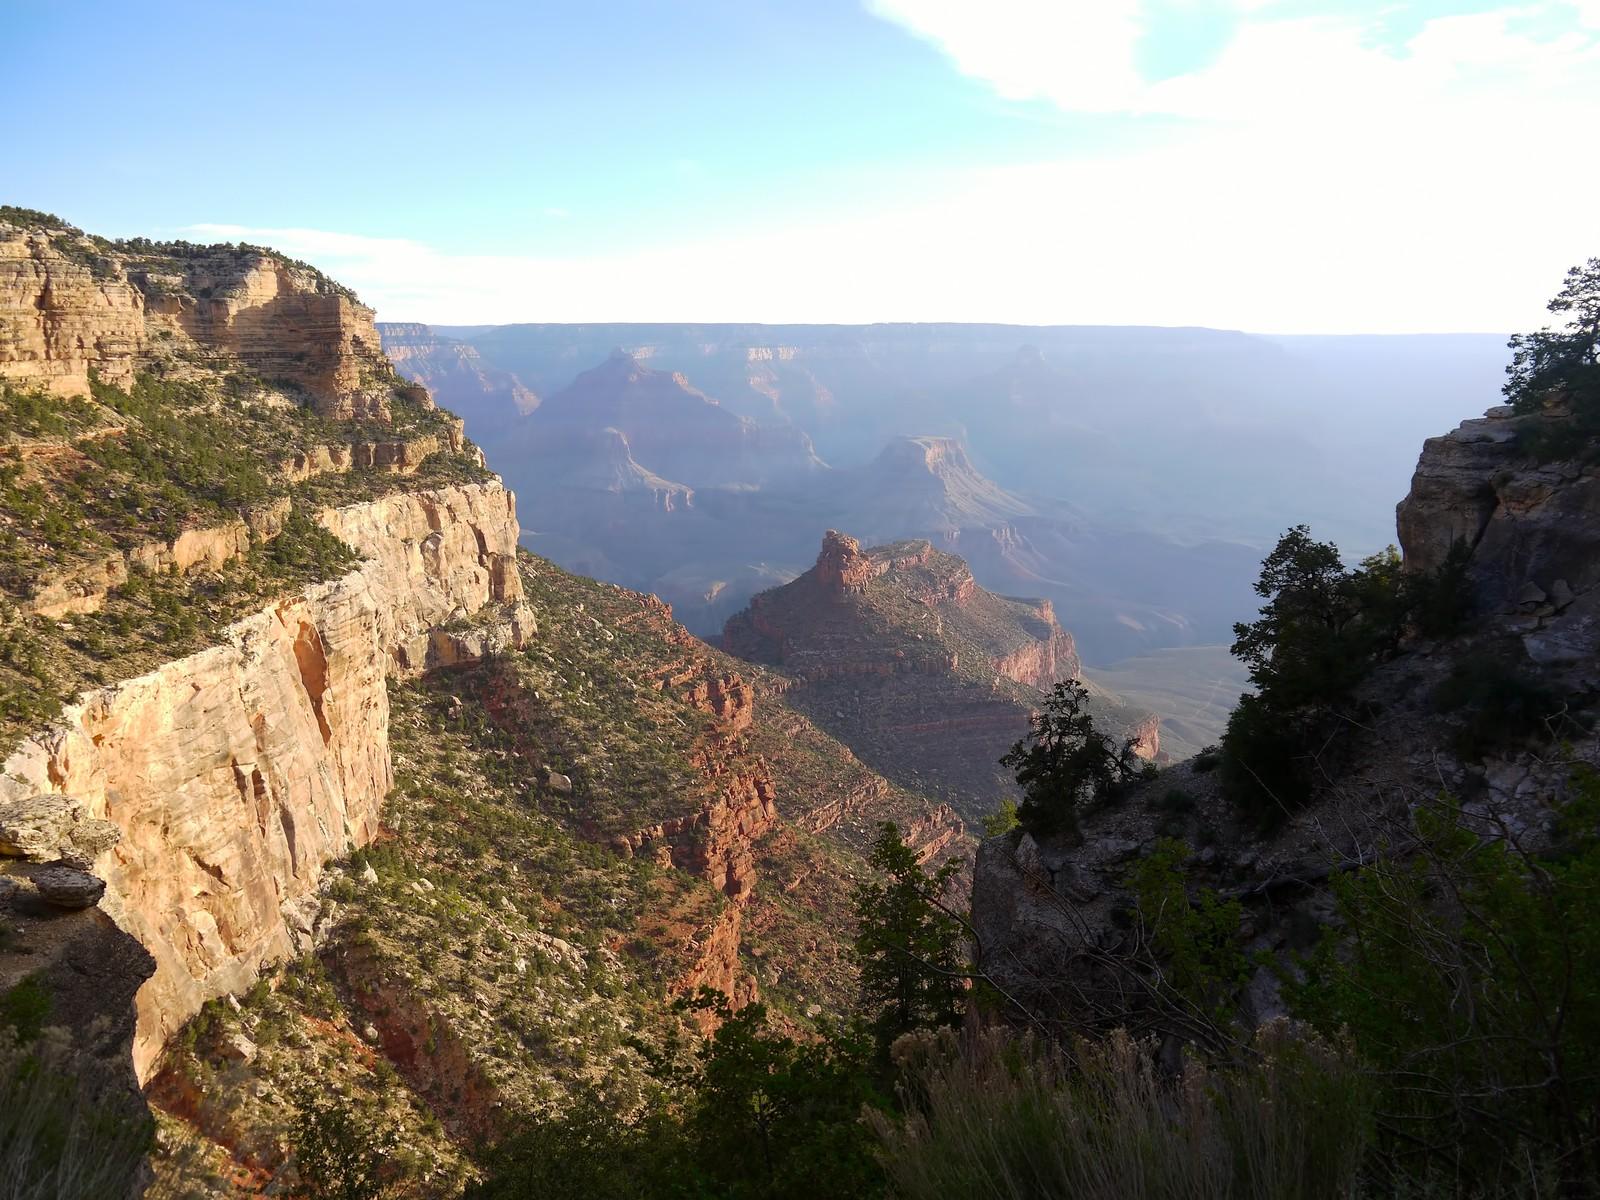 アリゾナ州の観光スポットや見どころは?アリゾナ砂漠も必見!